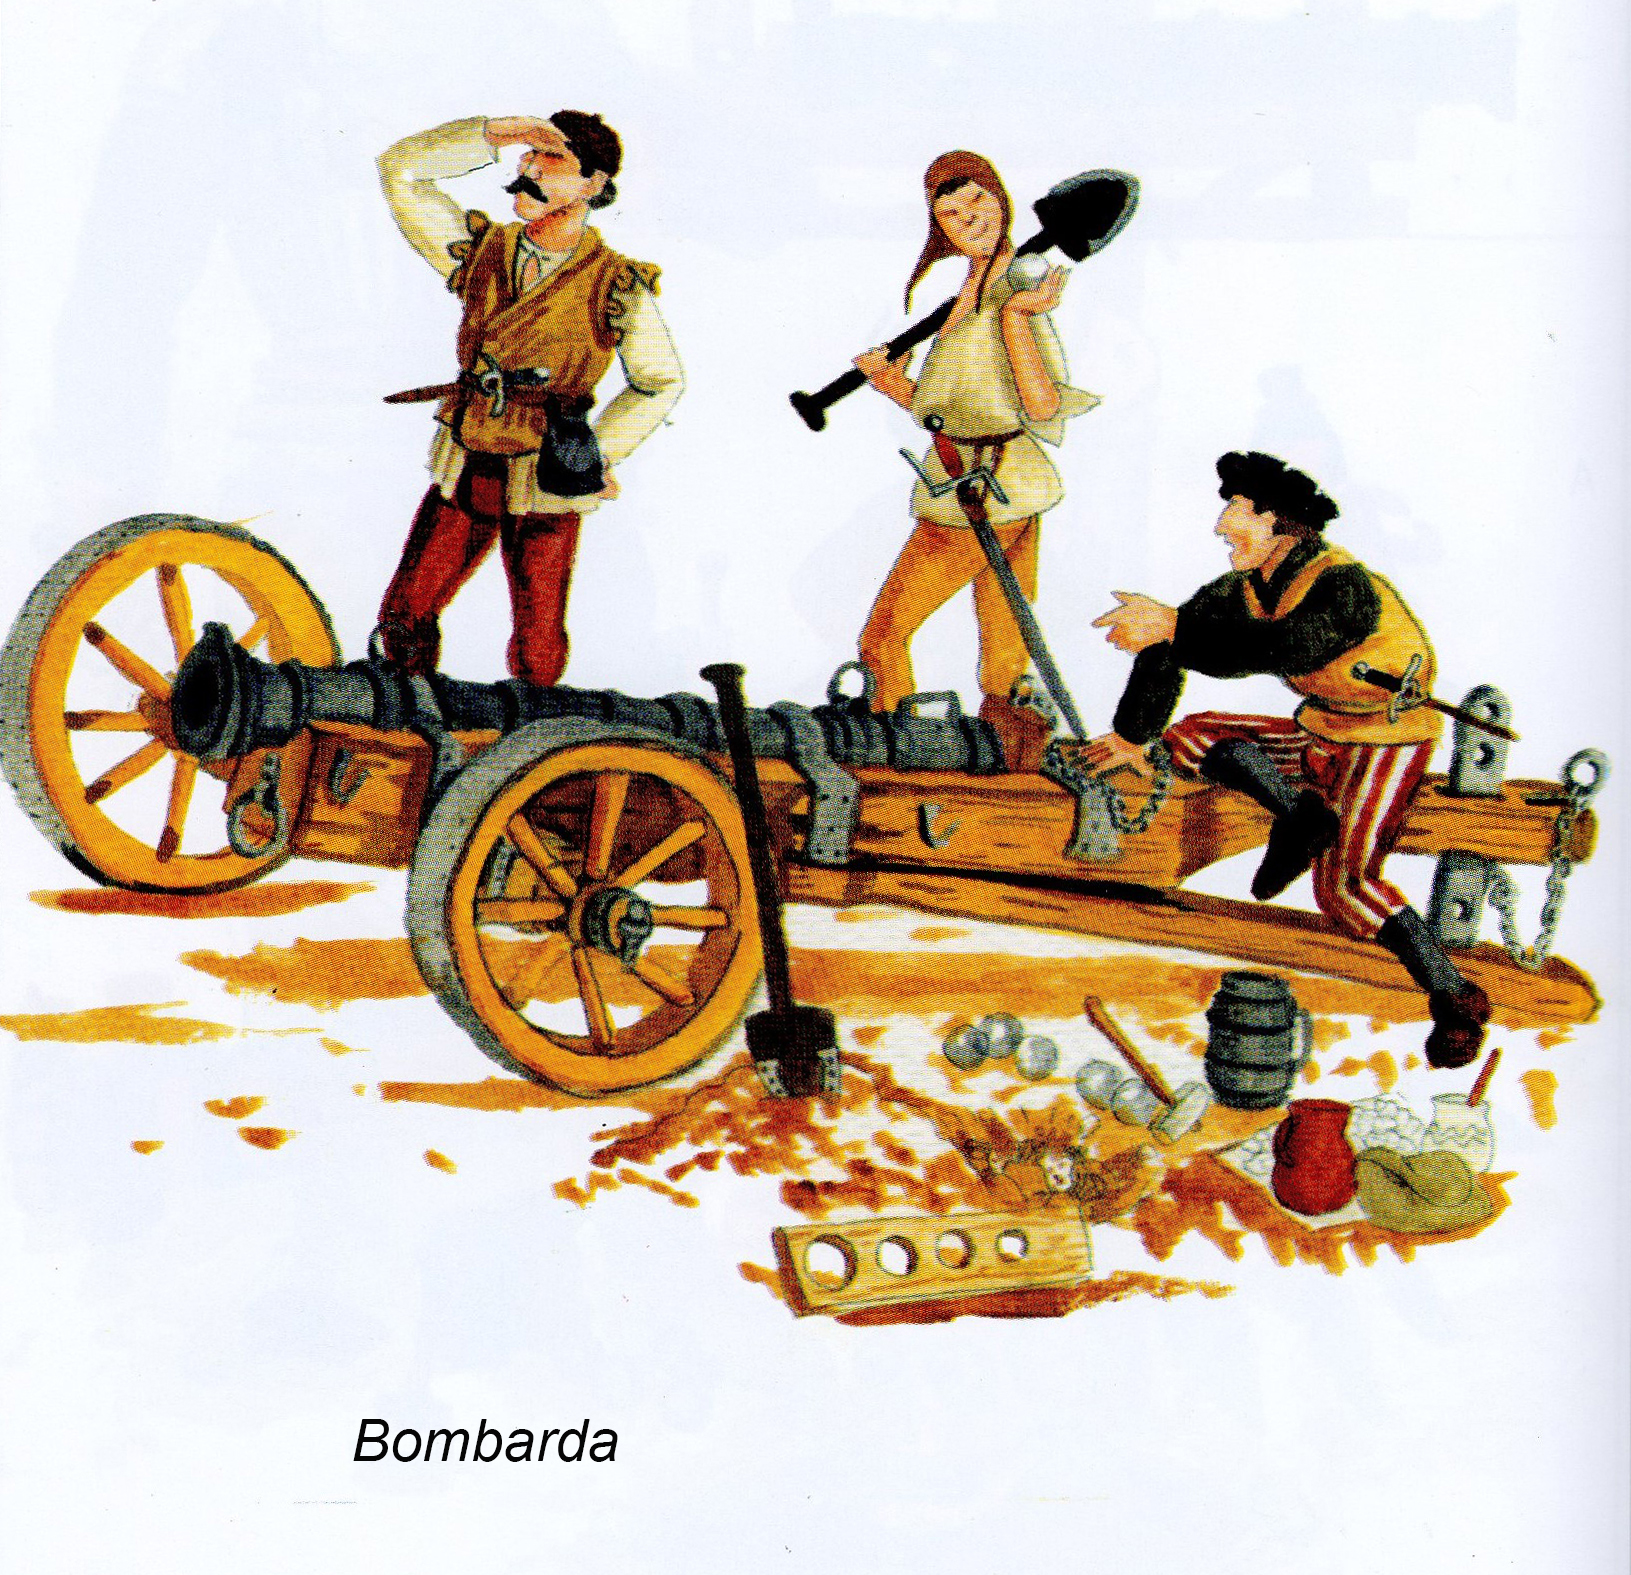 Armamento y equipo de los conquistadores españoles en el norte de América UGZwuO